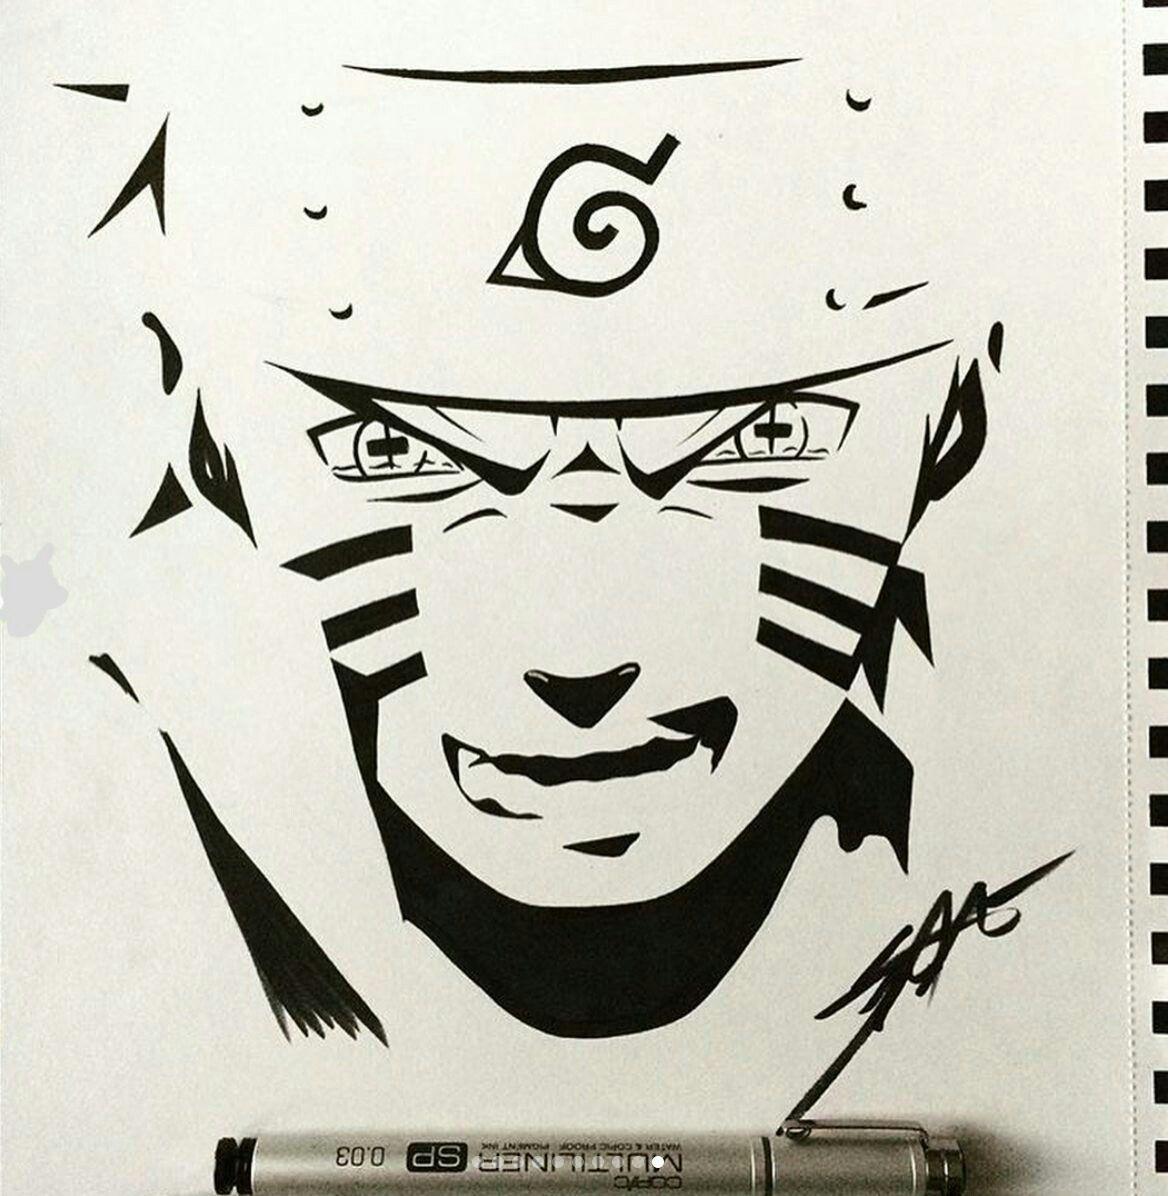 Pin by toka chan on ainme Naruto wallpaper, Art, Anime